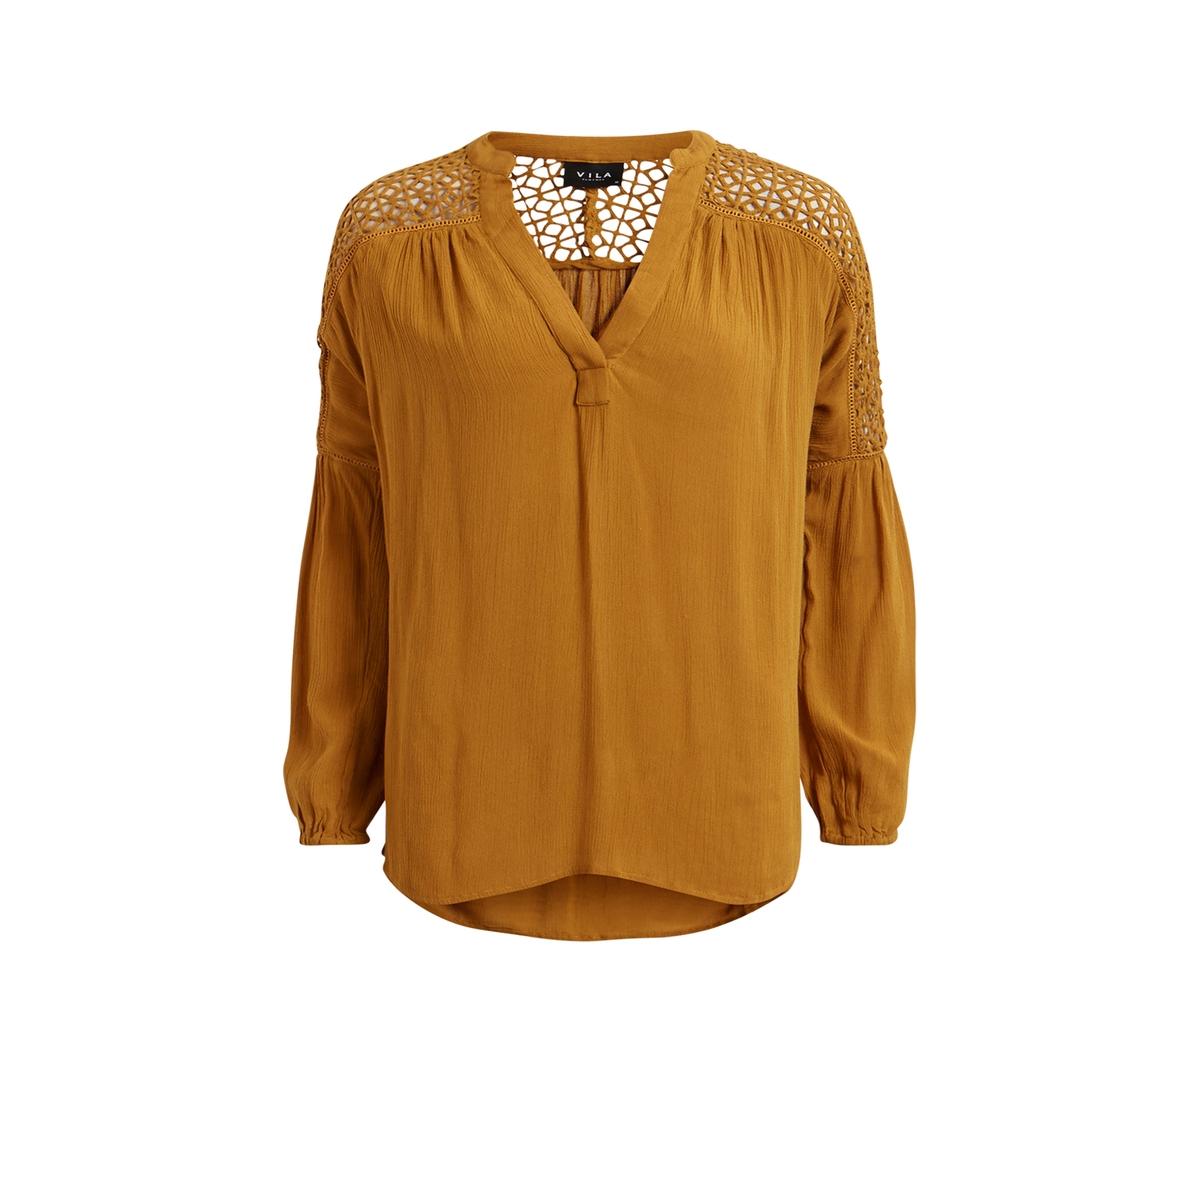 Блузка Vijannie с кружевом на плечахСостав и описаниеМарка: VILA.Модель: Vijannie.Материал: 100% вискоза.УходСтирать при 30°Cс вещами подобных цветов.<br><br>Цвет: горчичный<br>Размер: XS